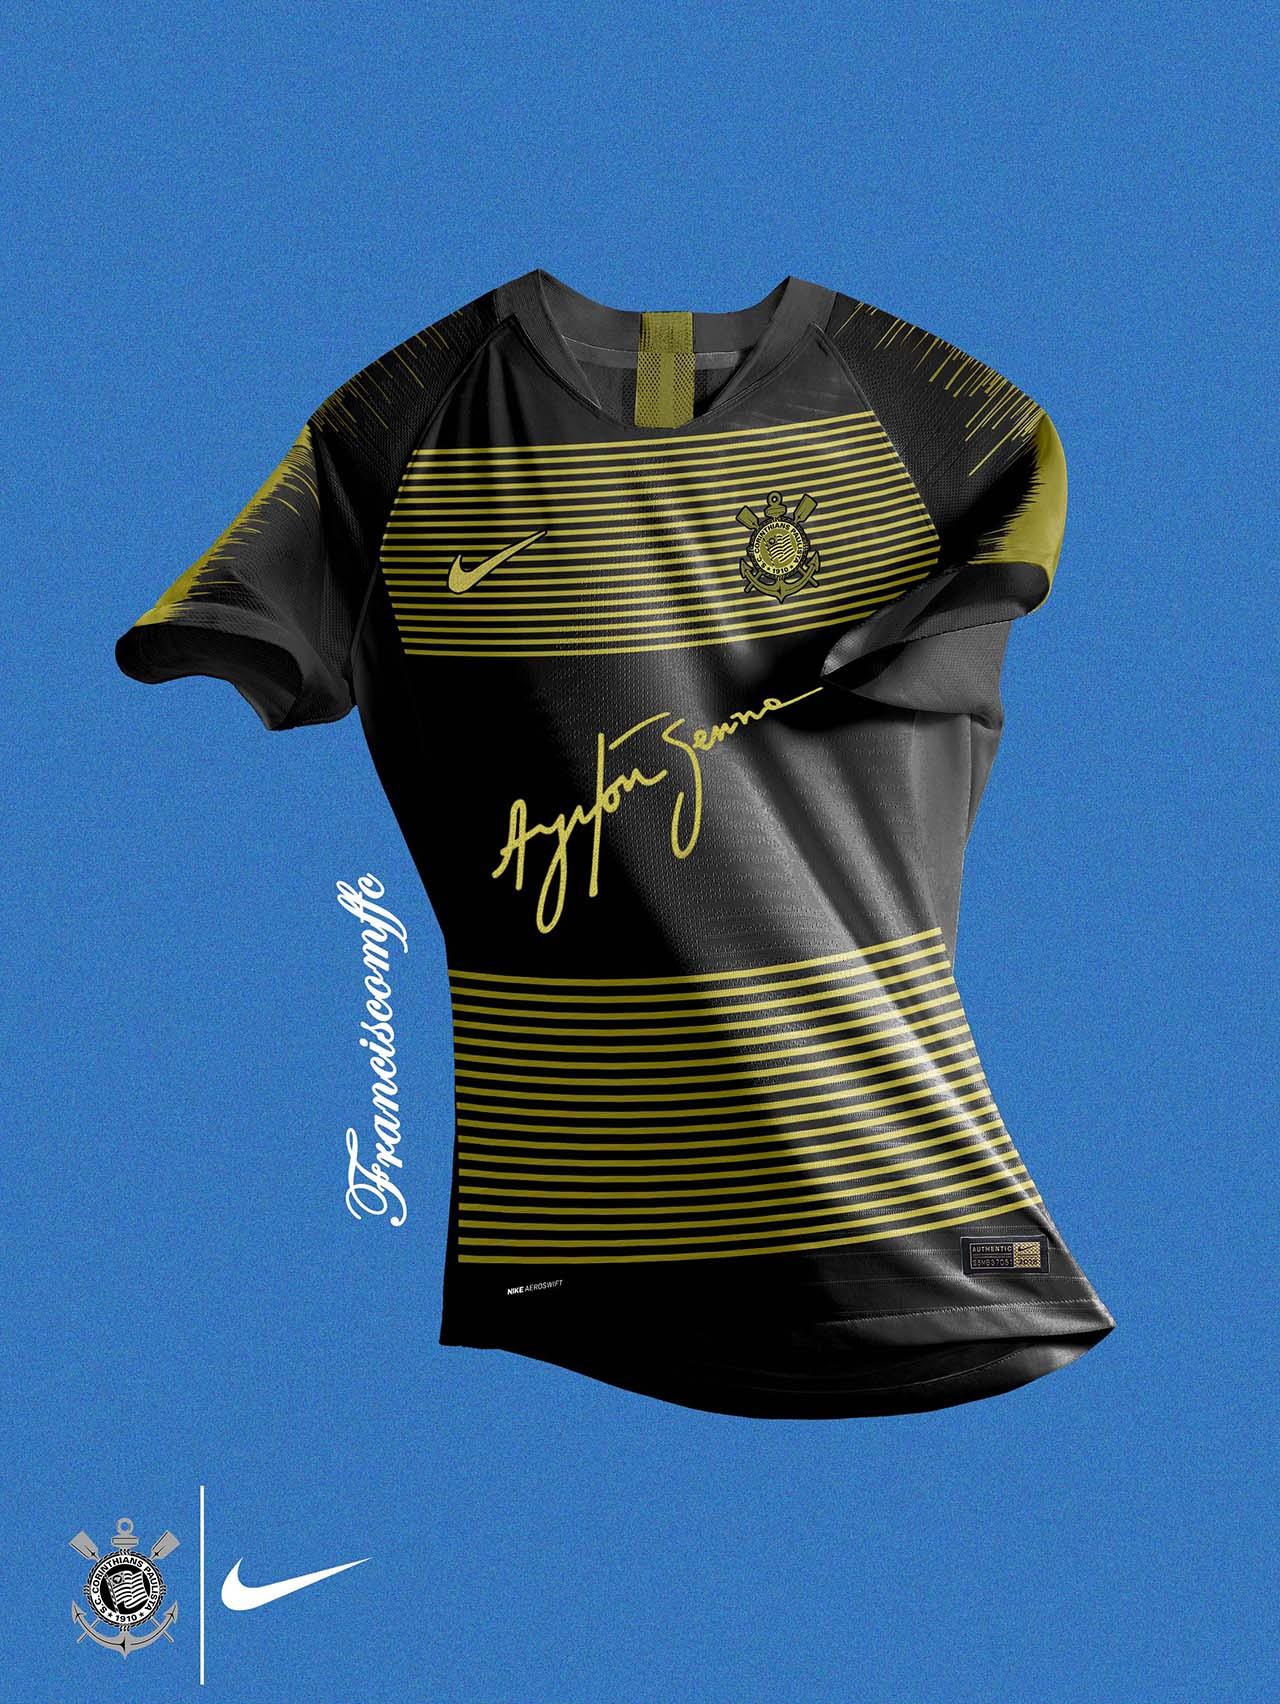 Camisa Corinthians - Ayrton Senna a6155ecea82de